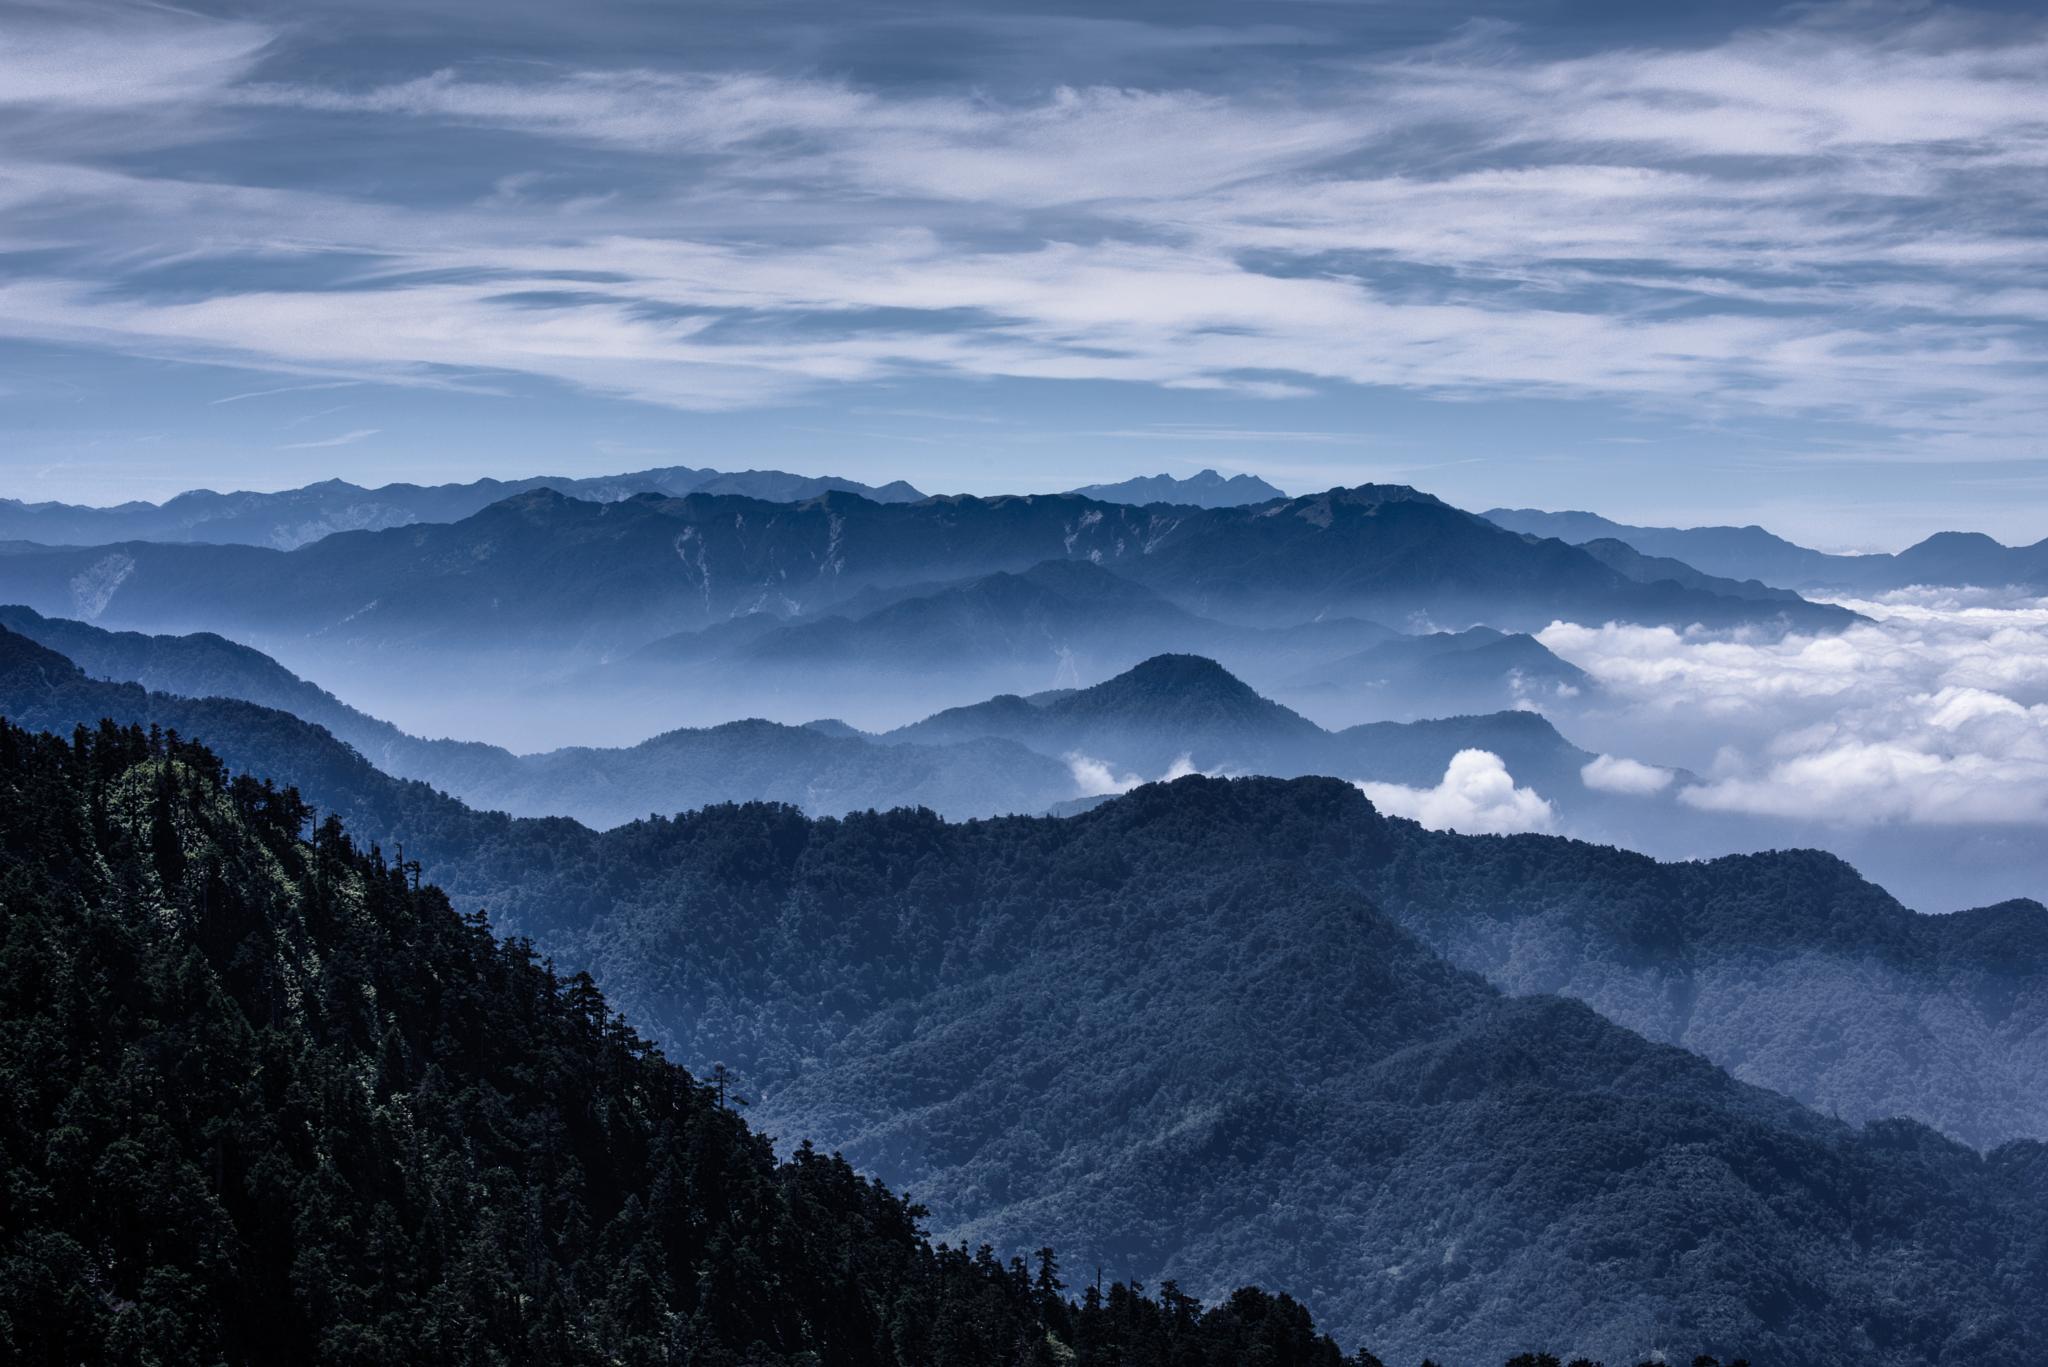 Hehuan Mountain by pslee